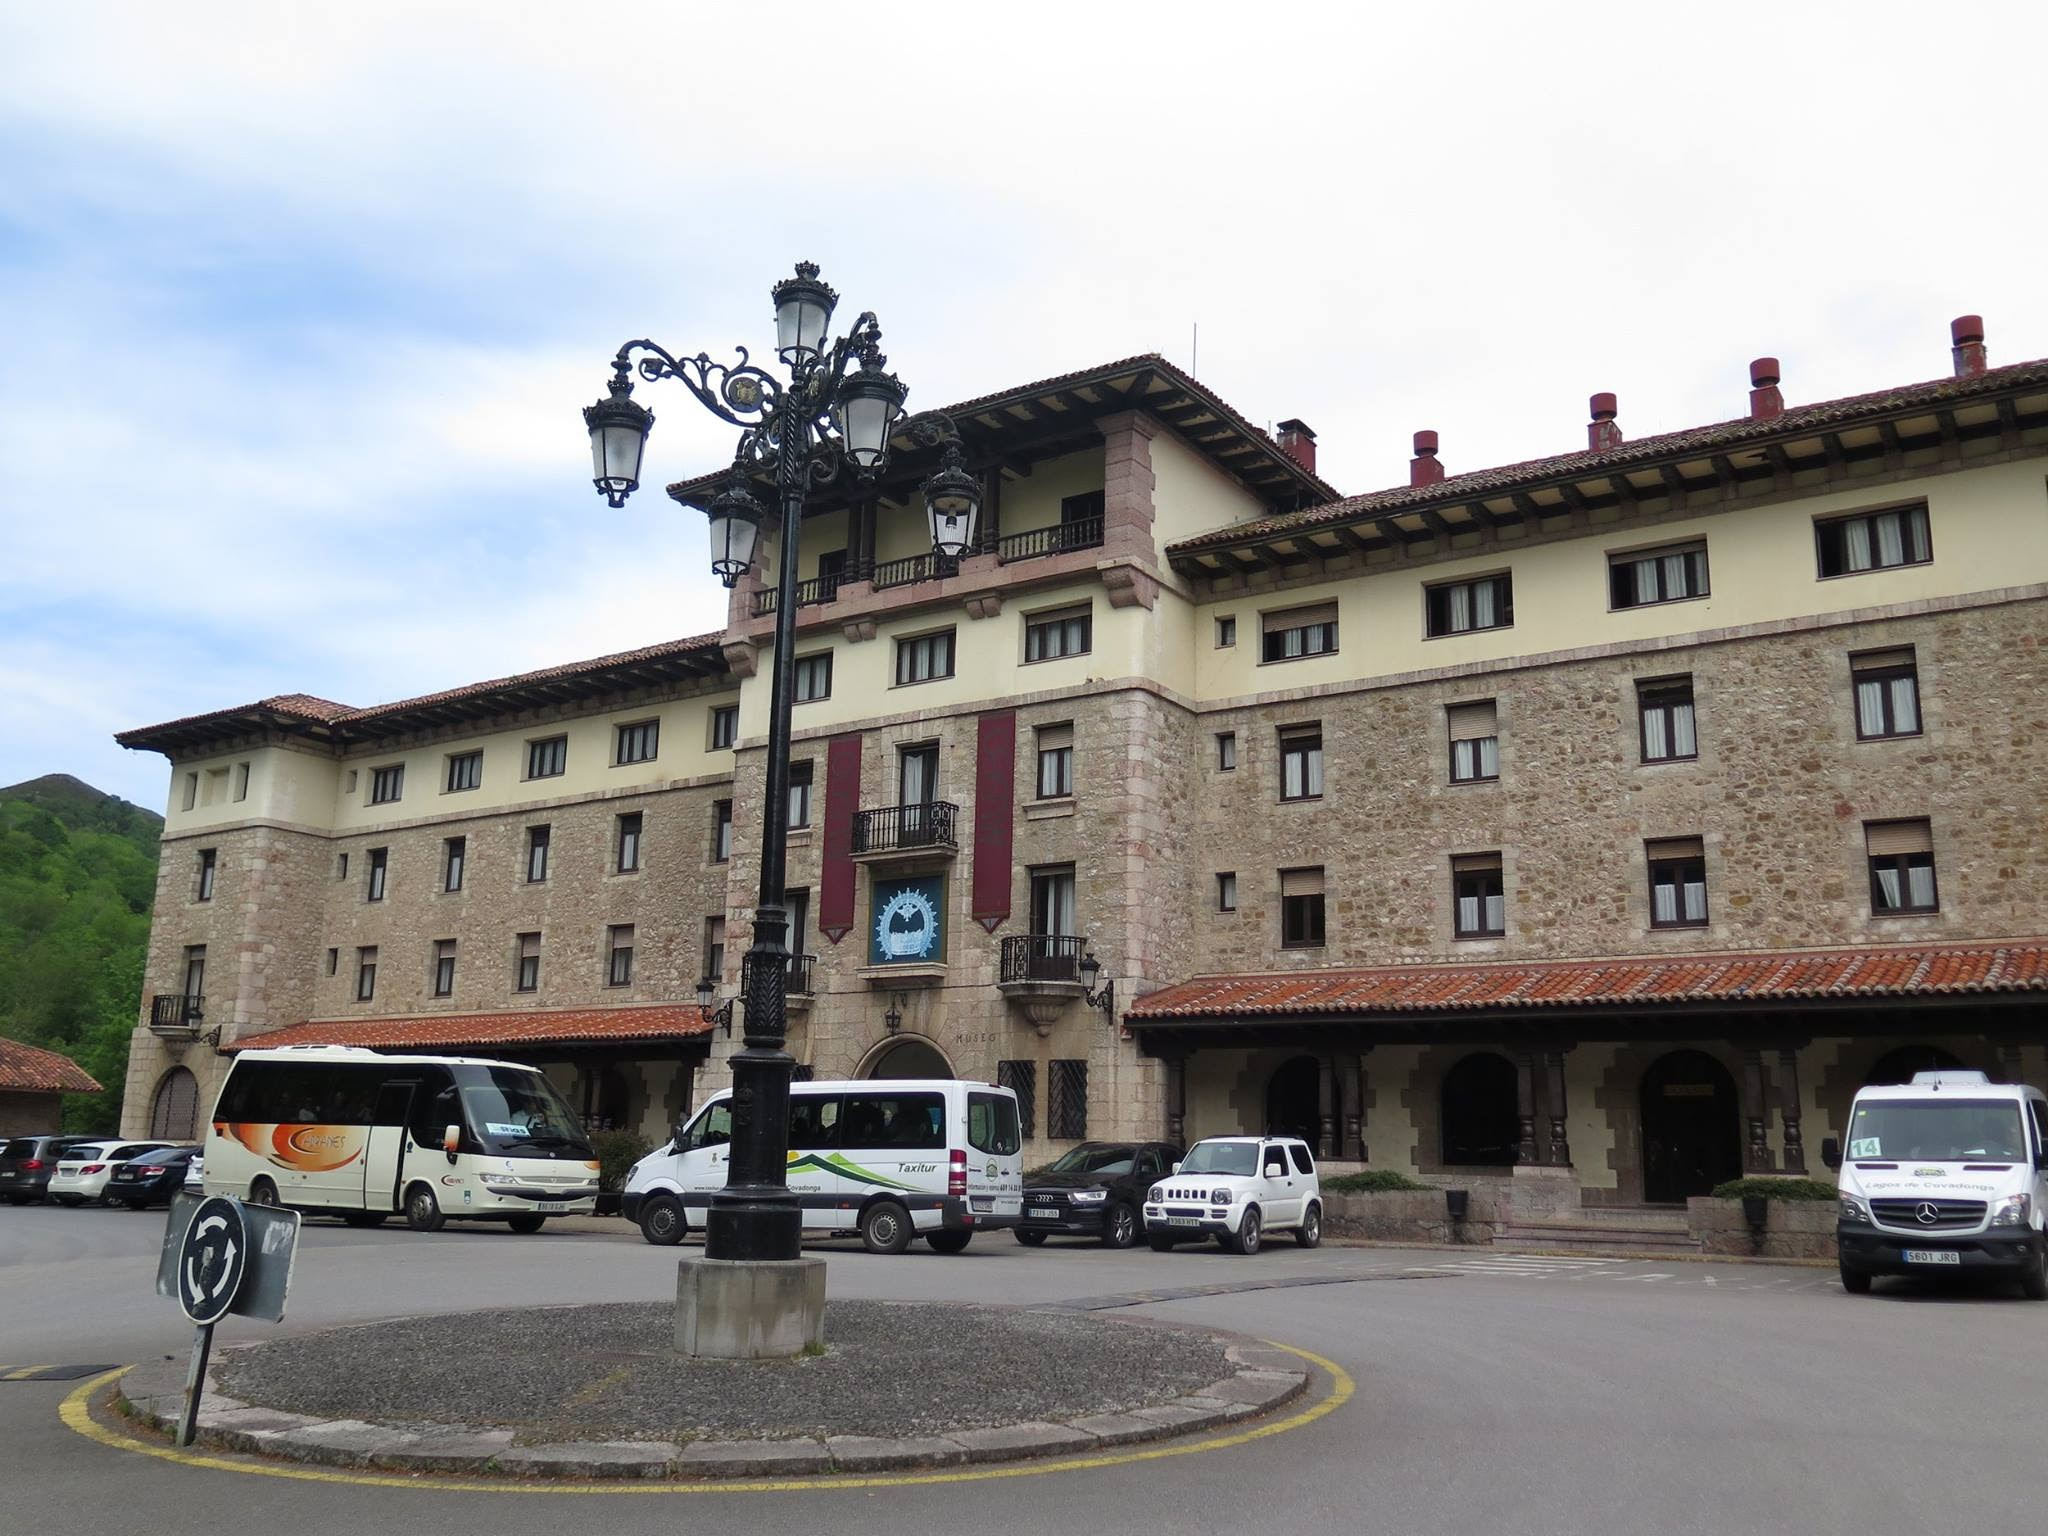 2017.05.2 y3 - Viaje Covadonga Sector Hnos. Mayores (19)